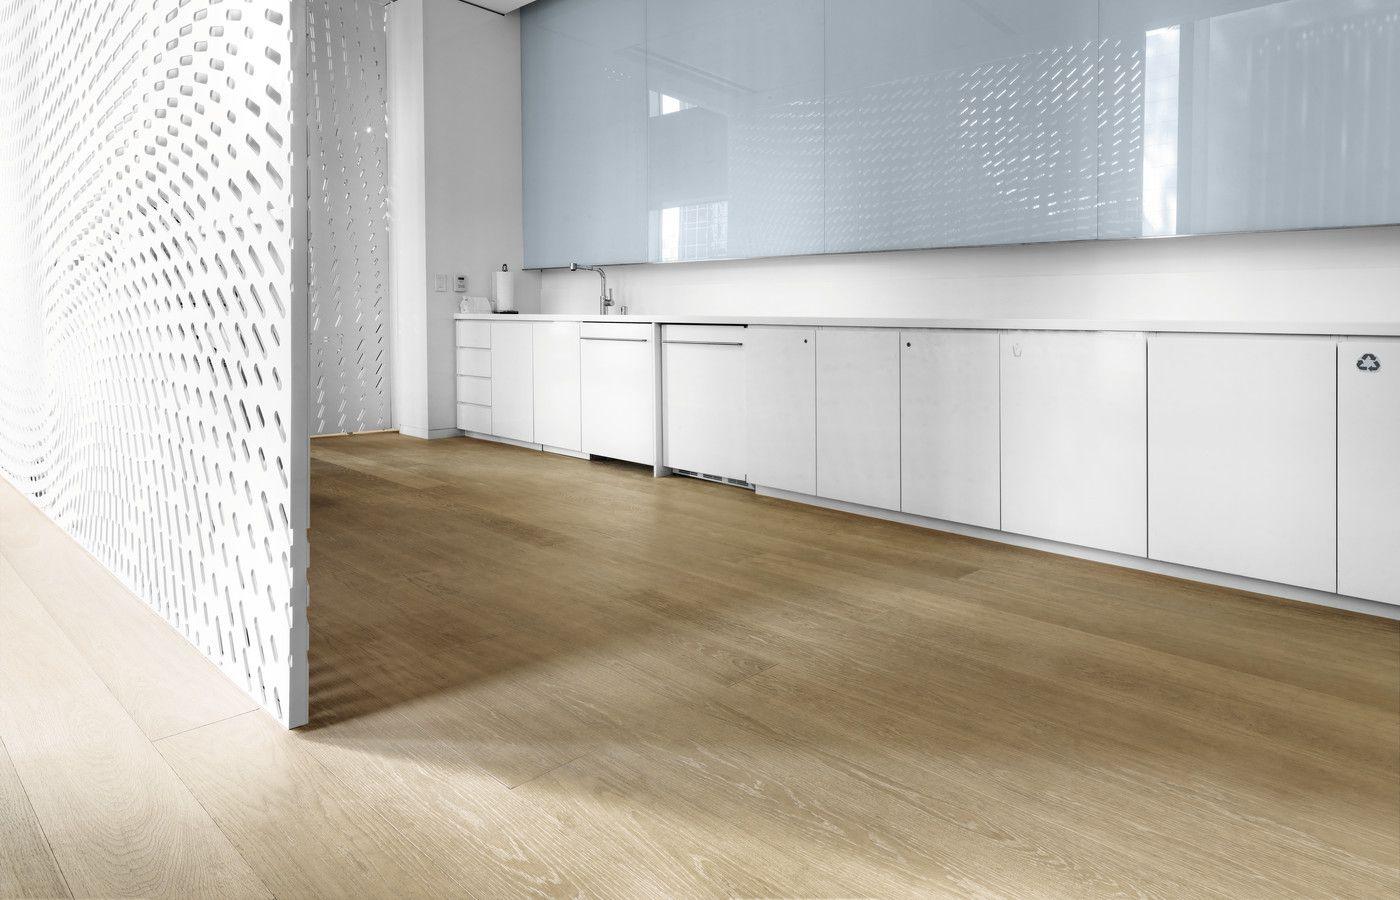 eaebbkw_00000007.jpg (1400×900) Natural wood flooring